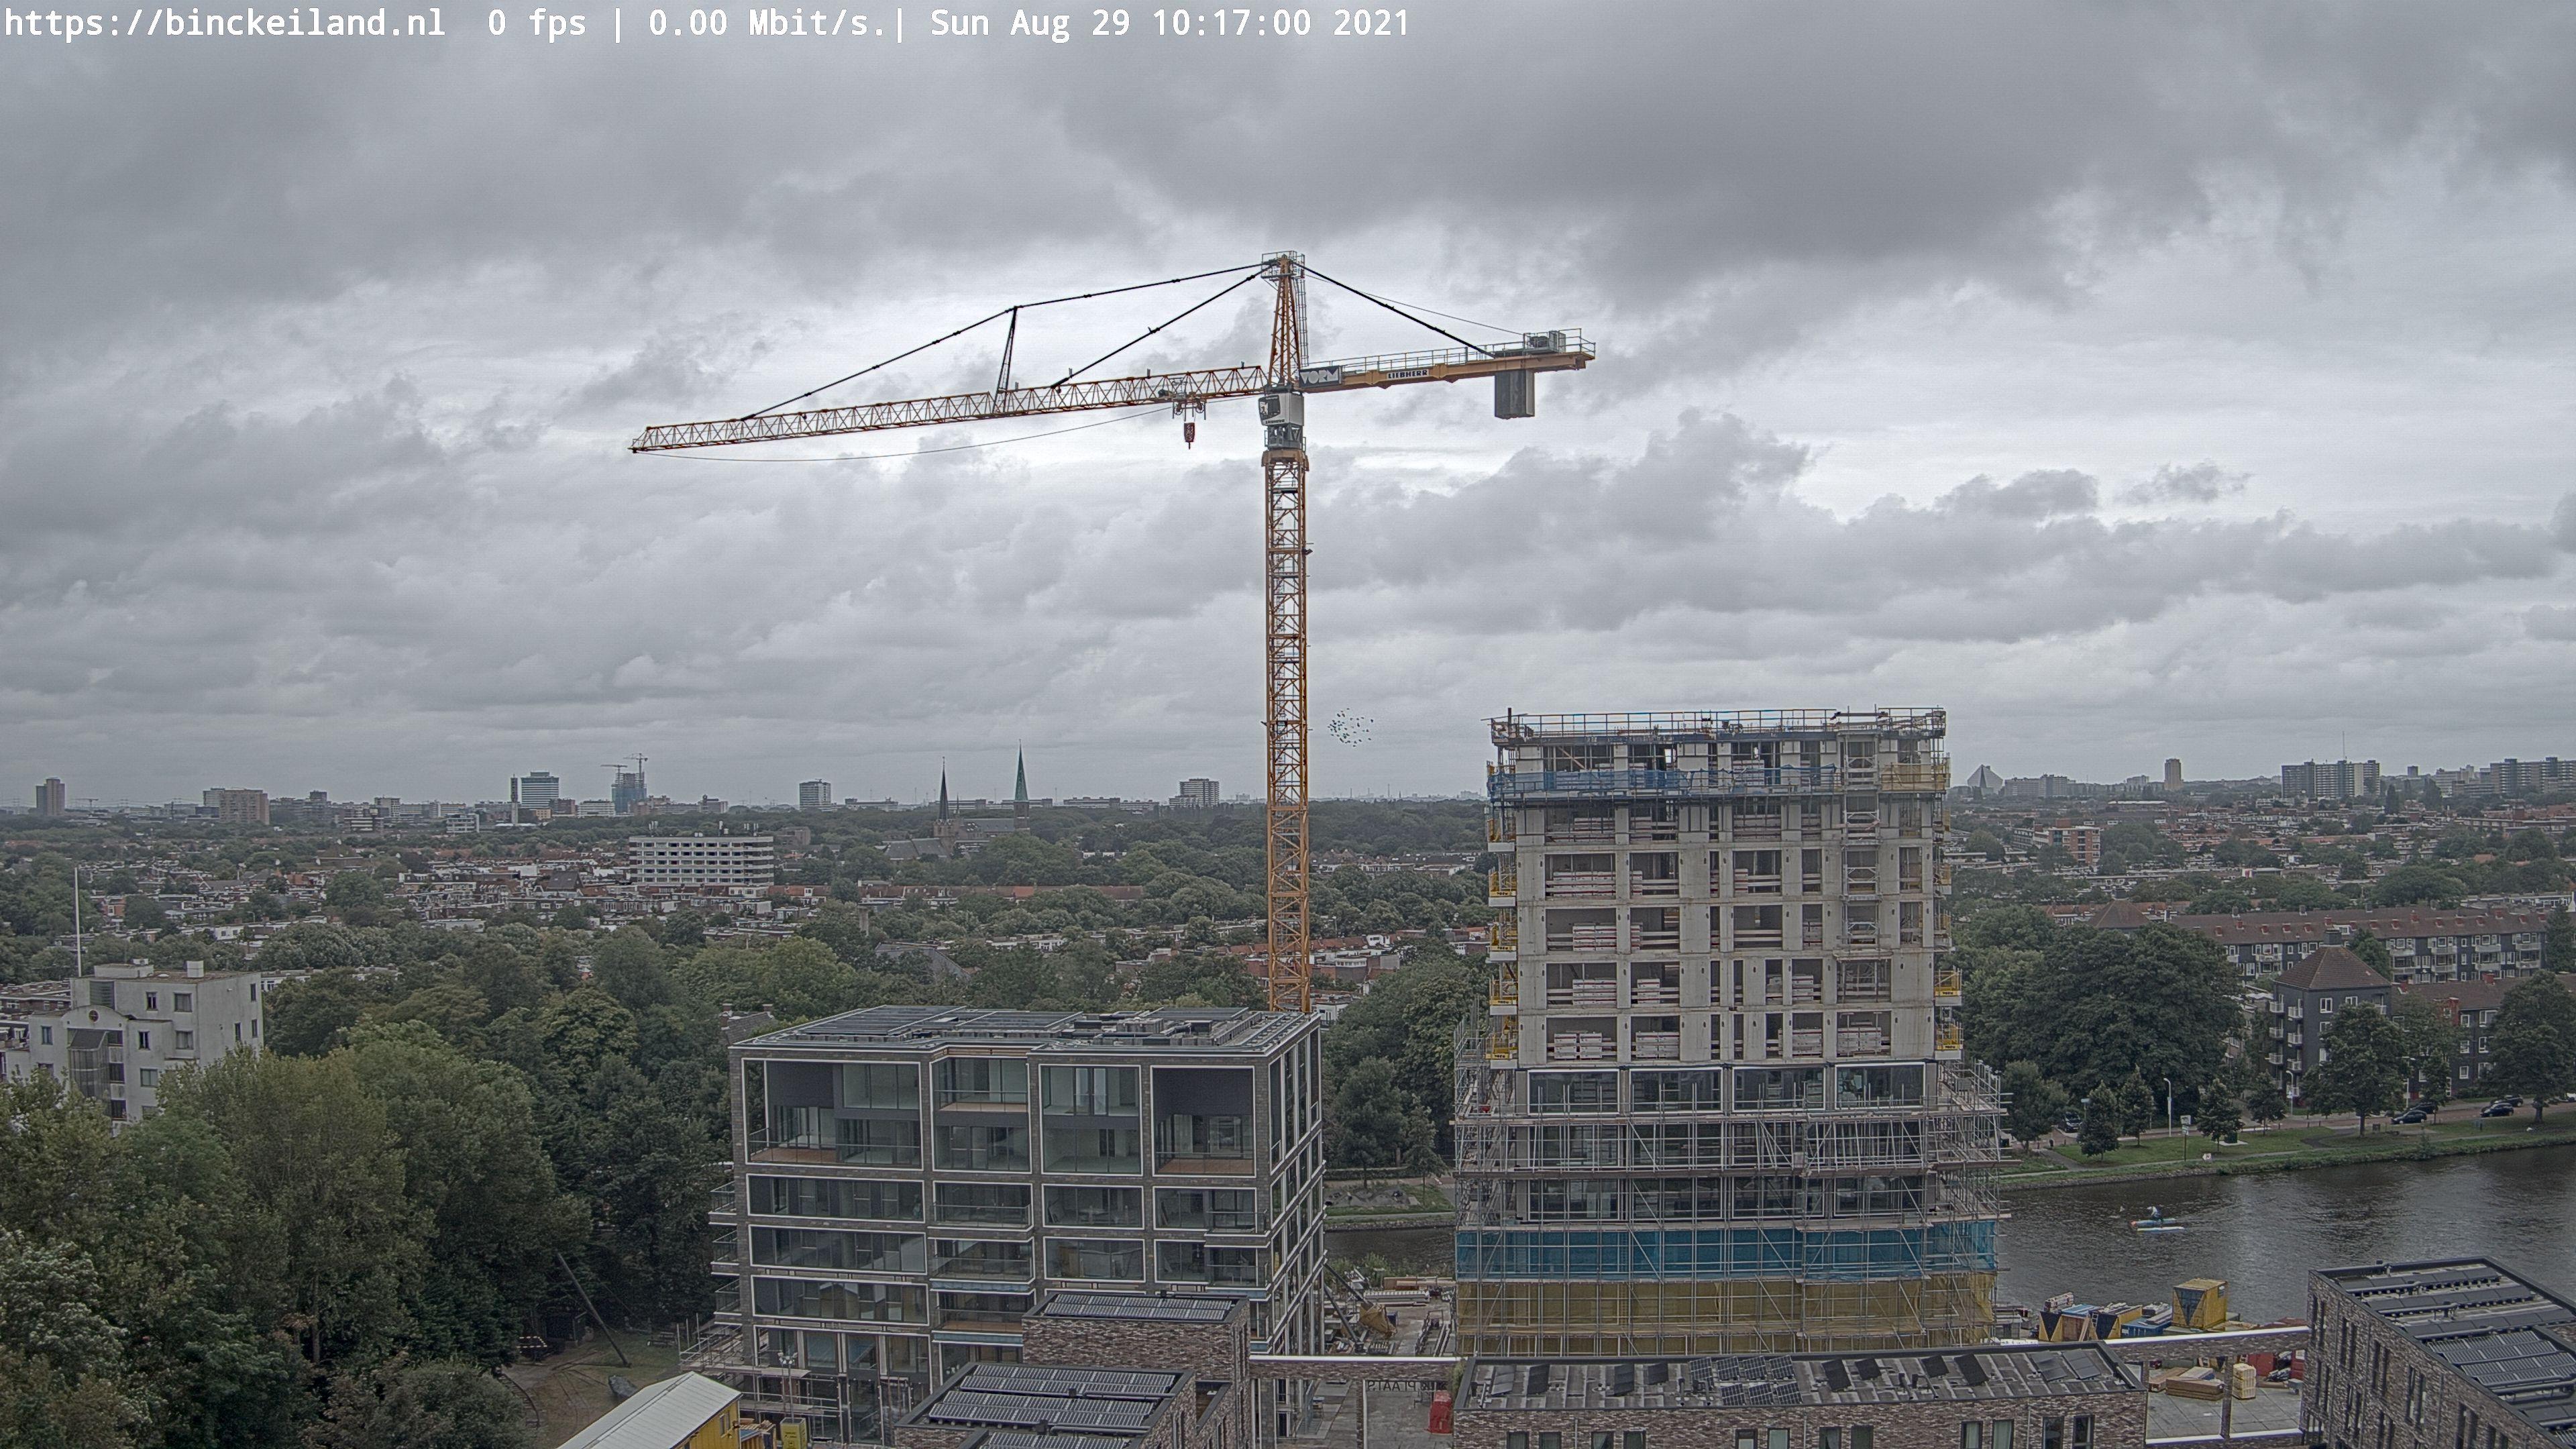 WebCam.NL | ultraHD 4K camera Binck, Den Haag.